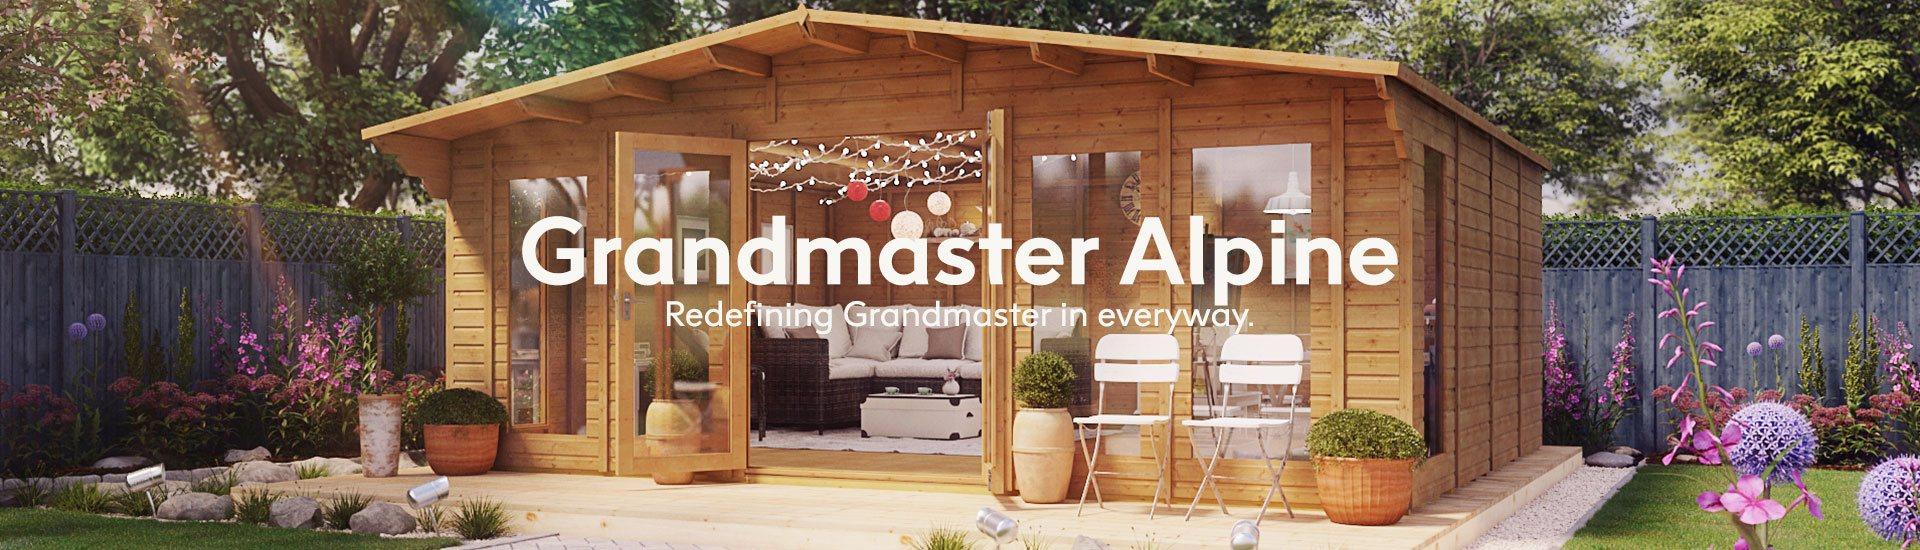 Grandmaster Alpine Redefining Grandmaster in everyway